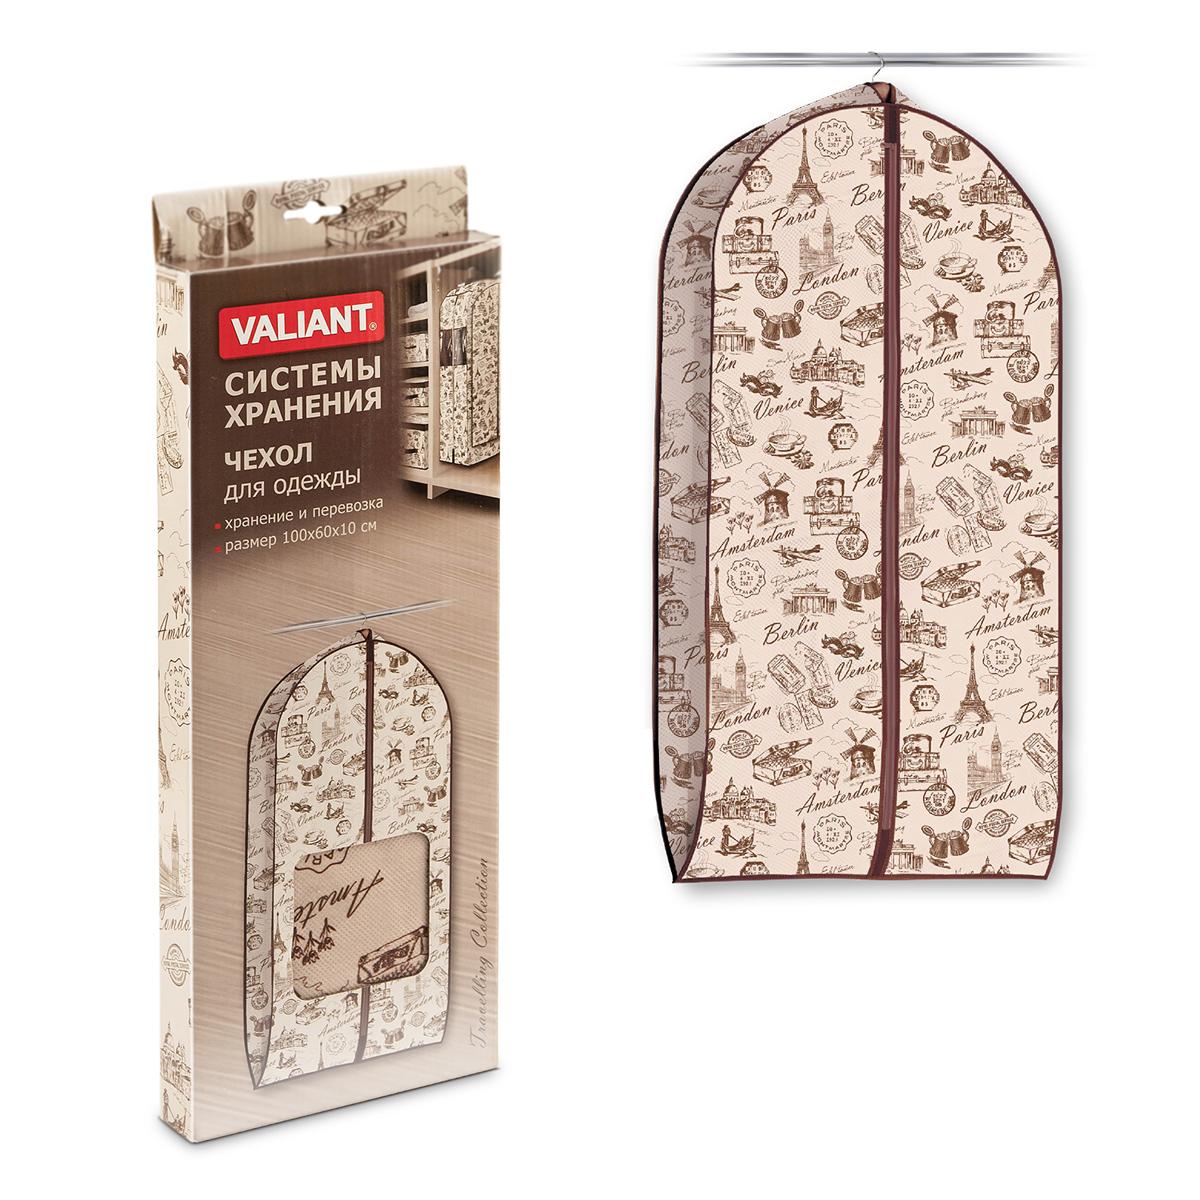 Чехол для одежды Valiant Travelling, объемный, 60 см х 100 см х 10 см